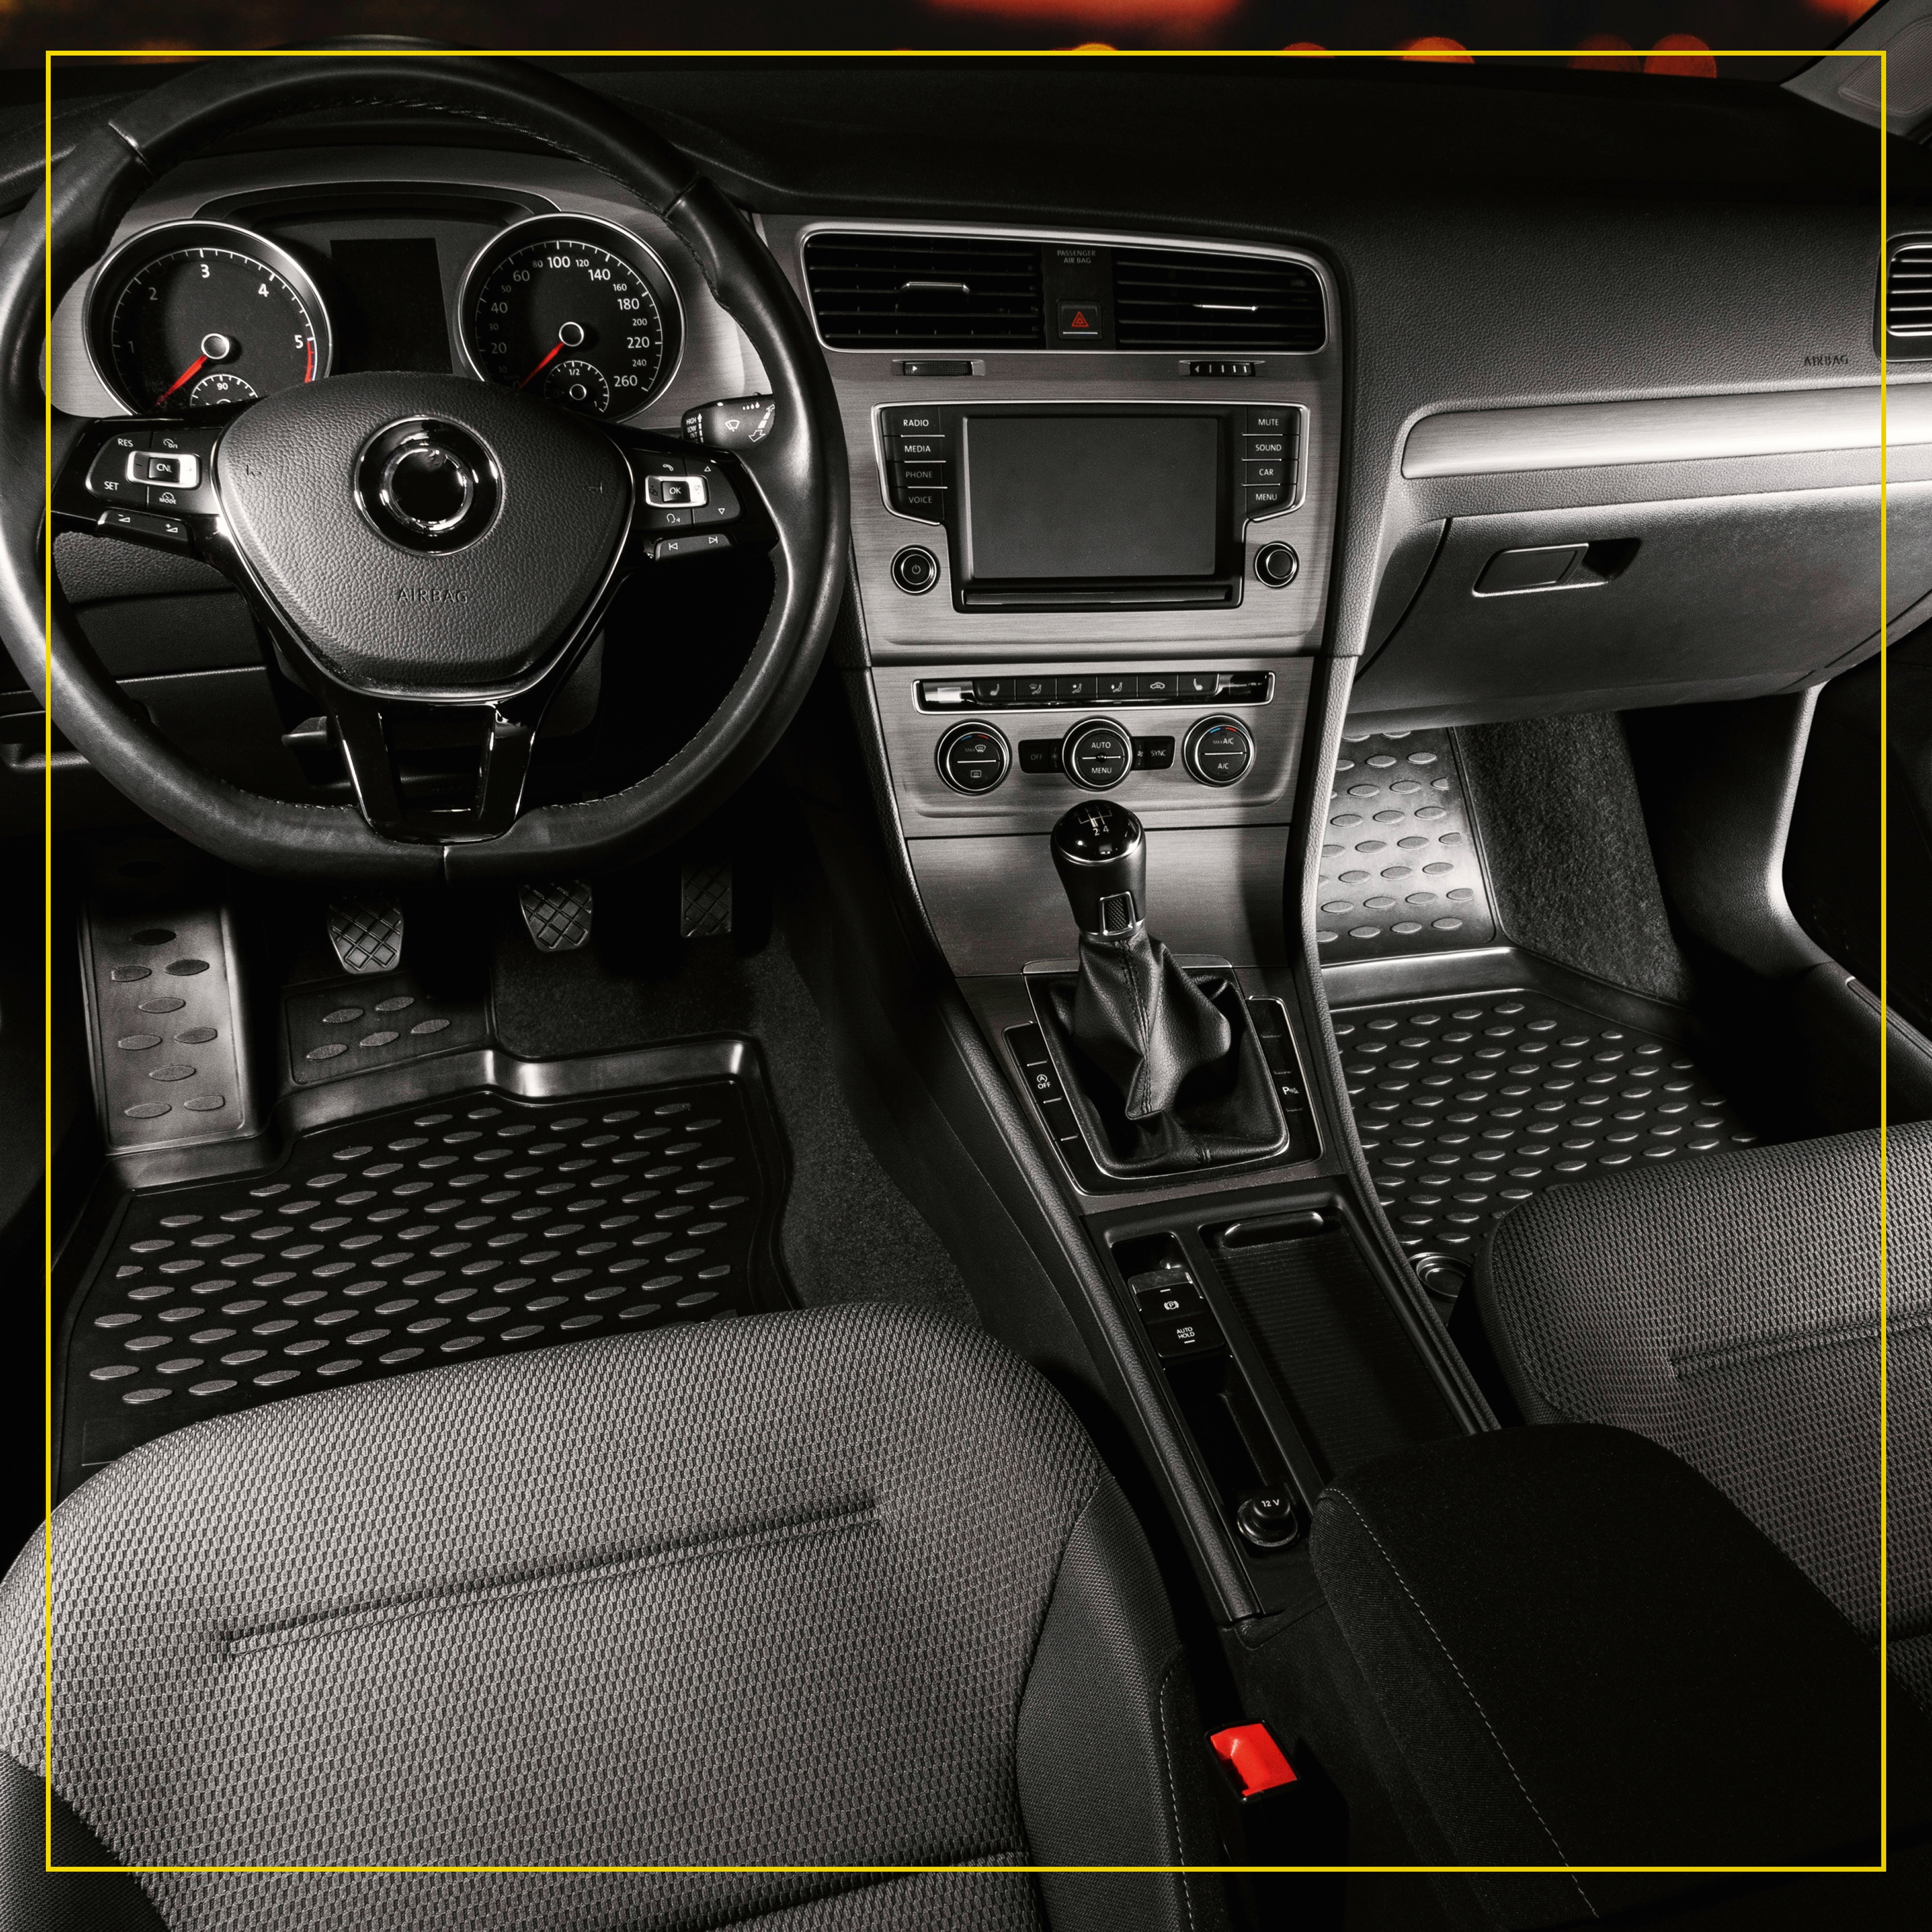 WALSER Passform-Fußmatten XTR, BMW, X3, Geländewagen, (4 St., 2 Vordermatten, Rückmatten), für BMW X3 (F25) BJ 2010-2017 schwarz Automatten Autozubehör Reifen